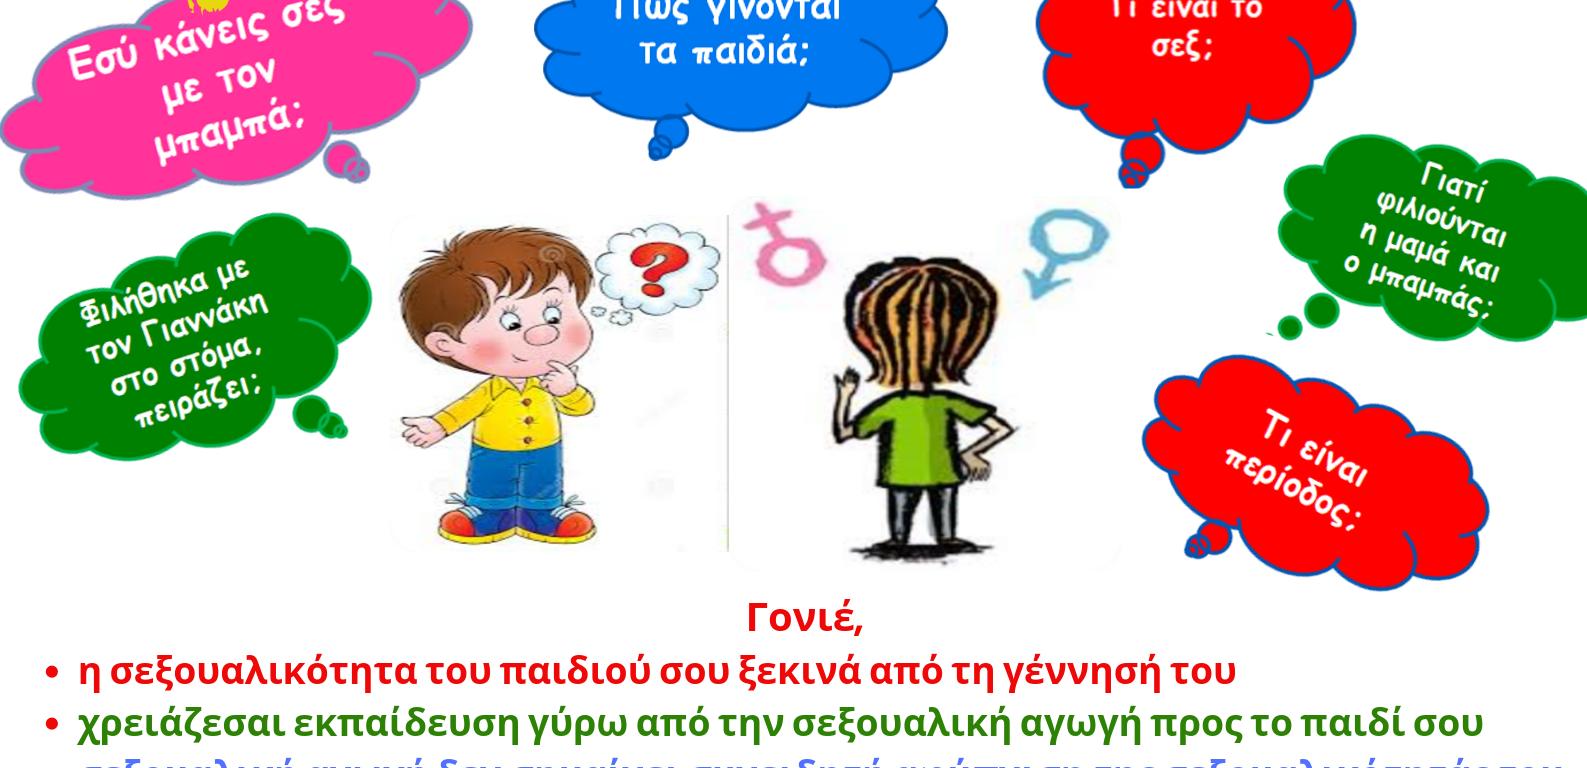 Σεξουαλική Αγωγή, γονιός, παιδί, τι είναι σεξ, ψυχολογία, σχέσεις γονιού-παιδιού, Βριλήσσια, Μαρίνα Μόσχα